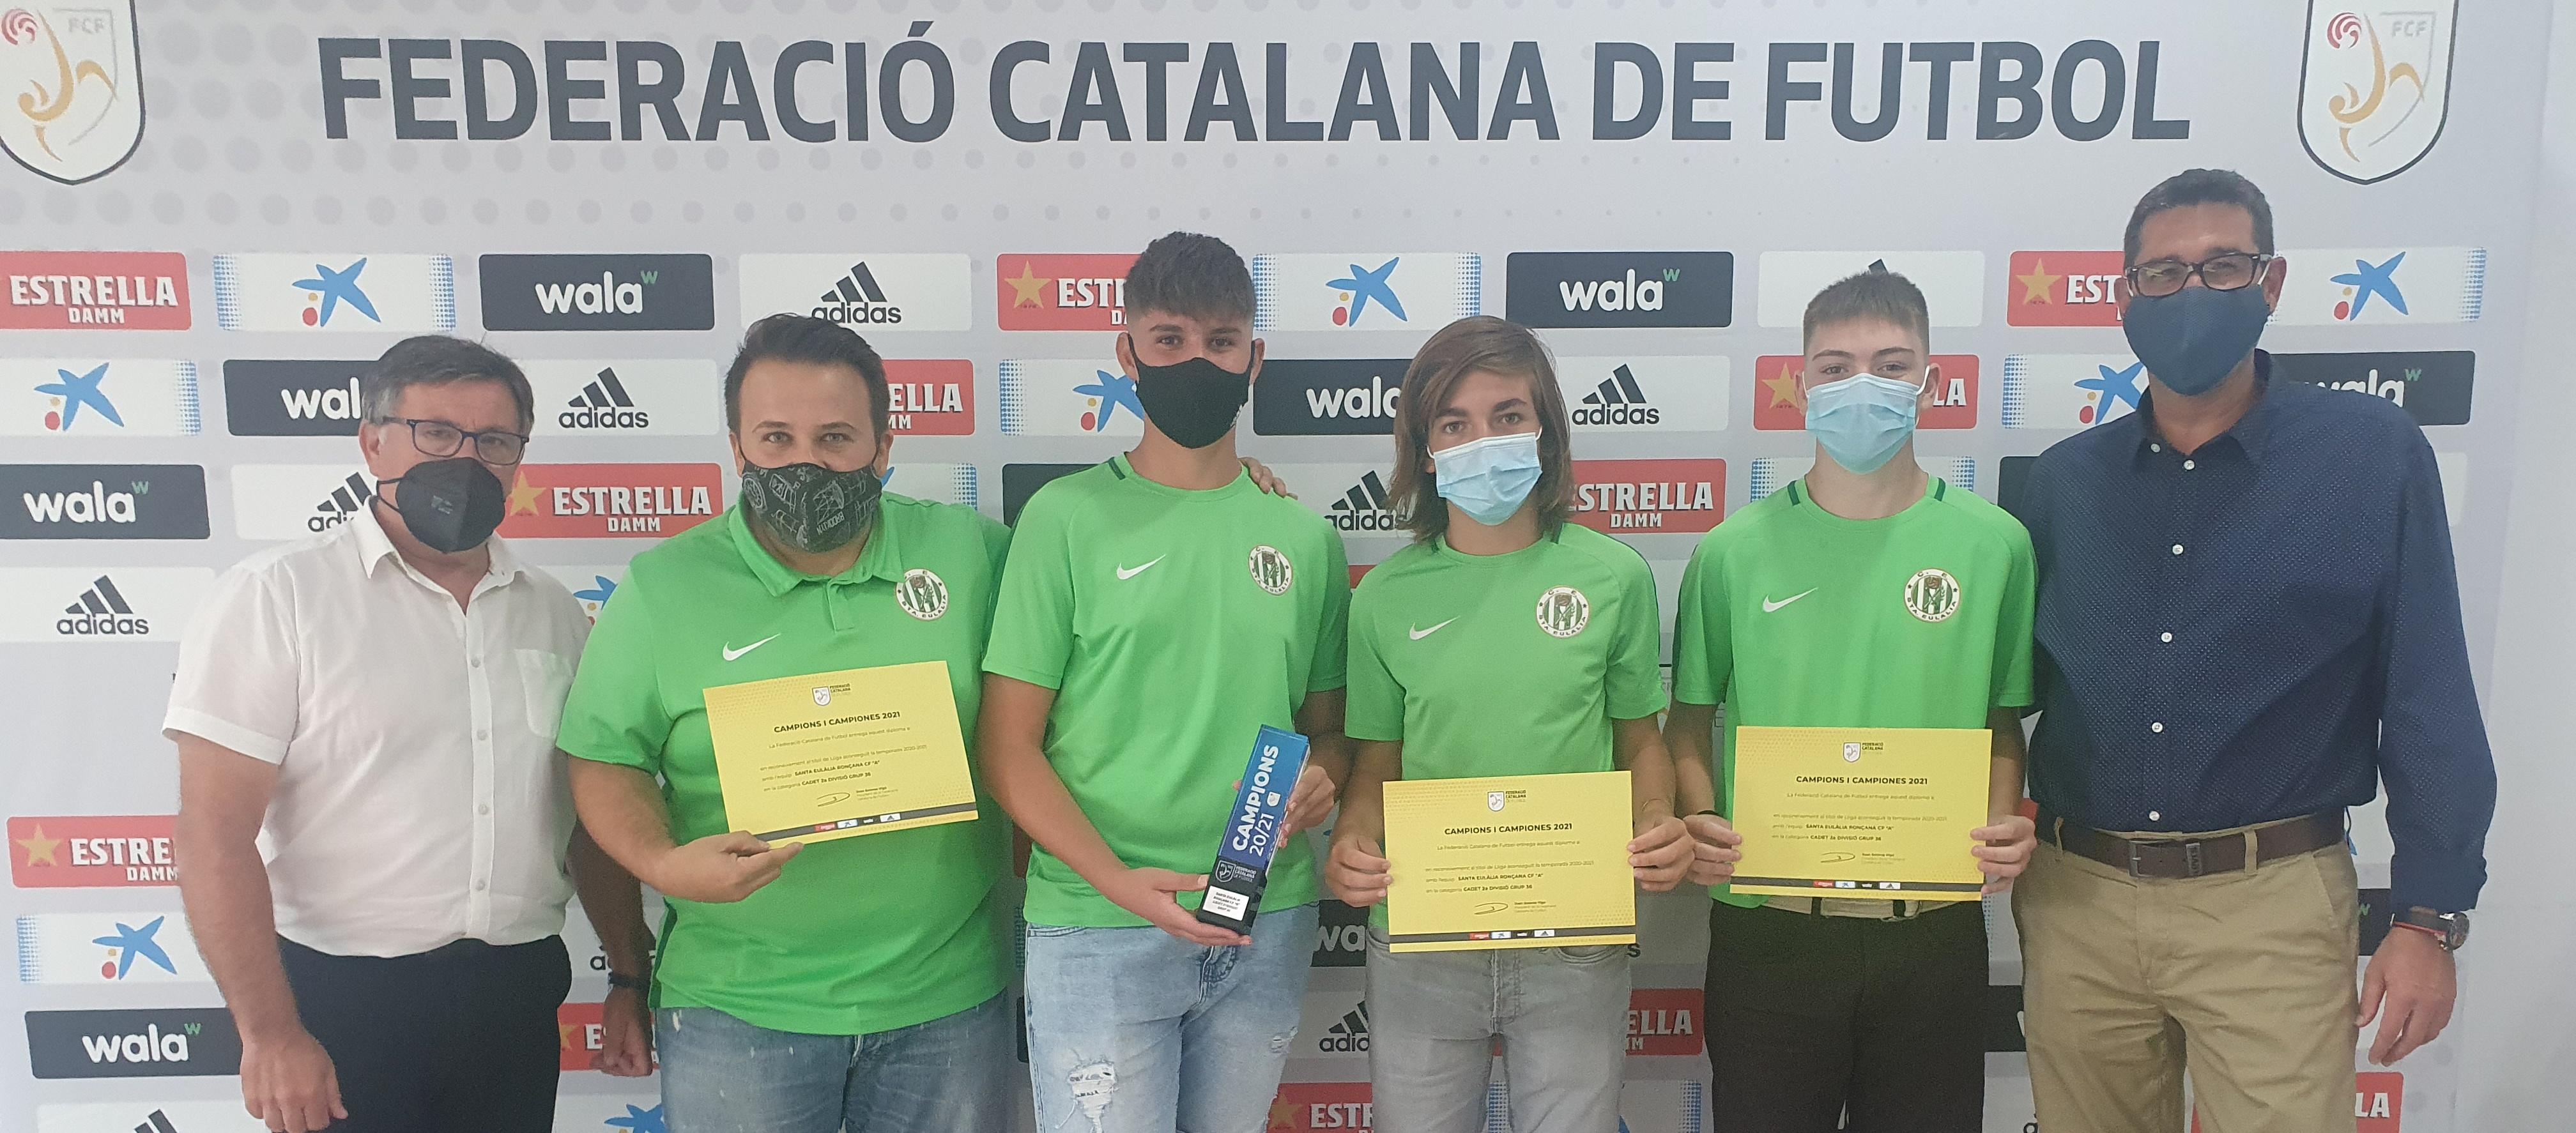 Els campions del Vallès Oriental recullen els trofeus de campions